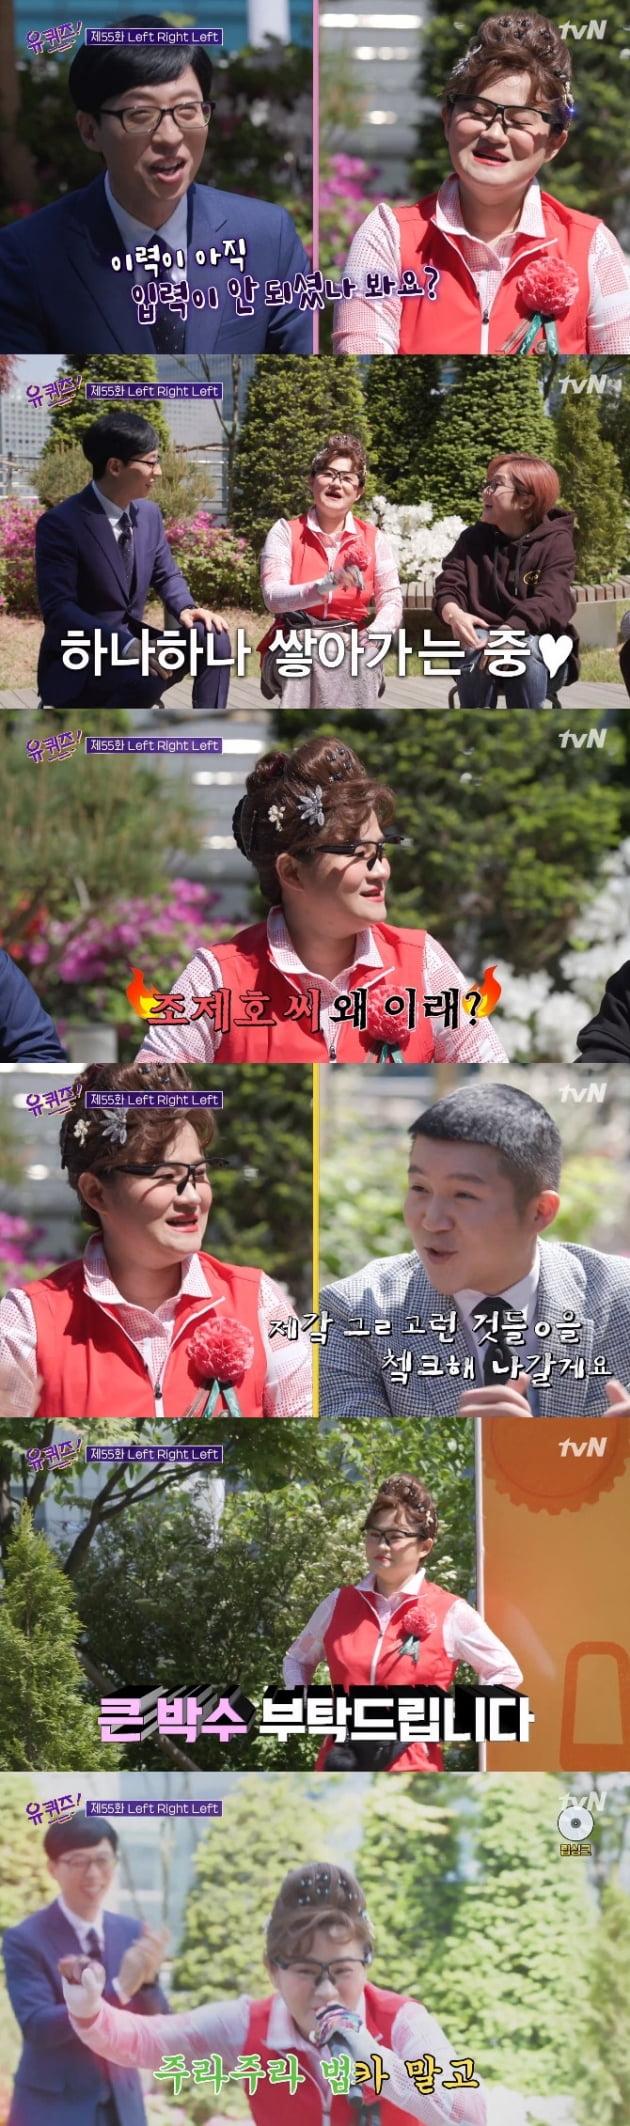 '유 퀴즈 온 더 블럭' 김신영 / 사진 = tvN 영상 캡처